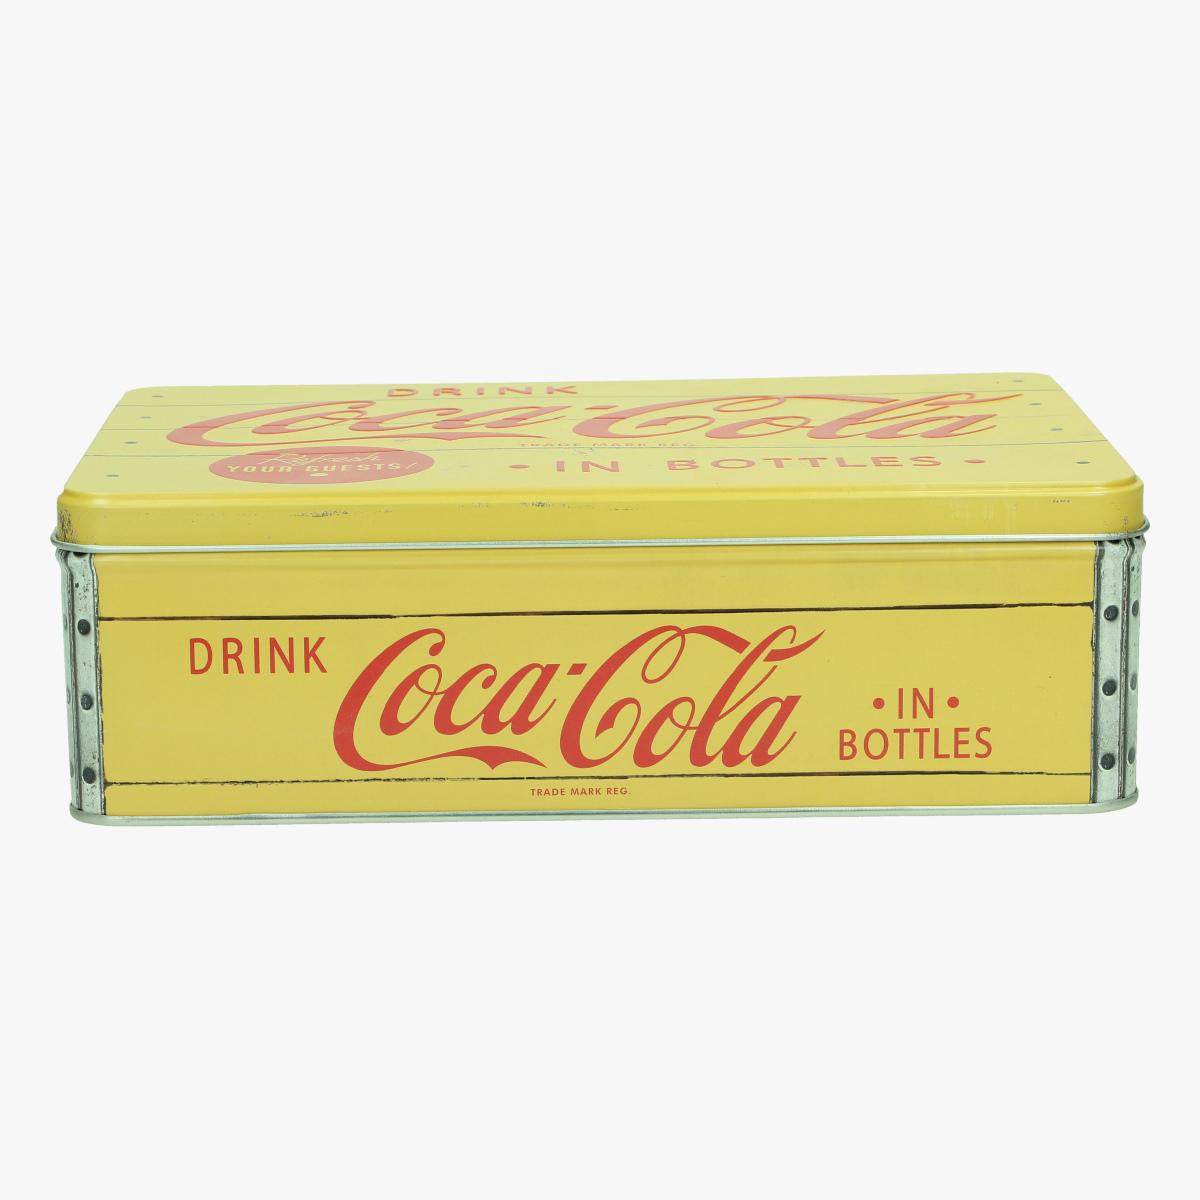 Afbeeldingen van blikken doos coca cola repro